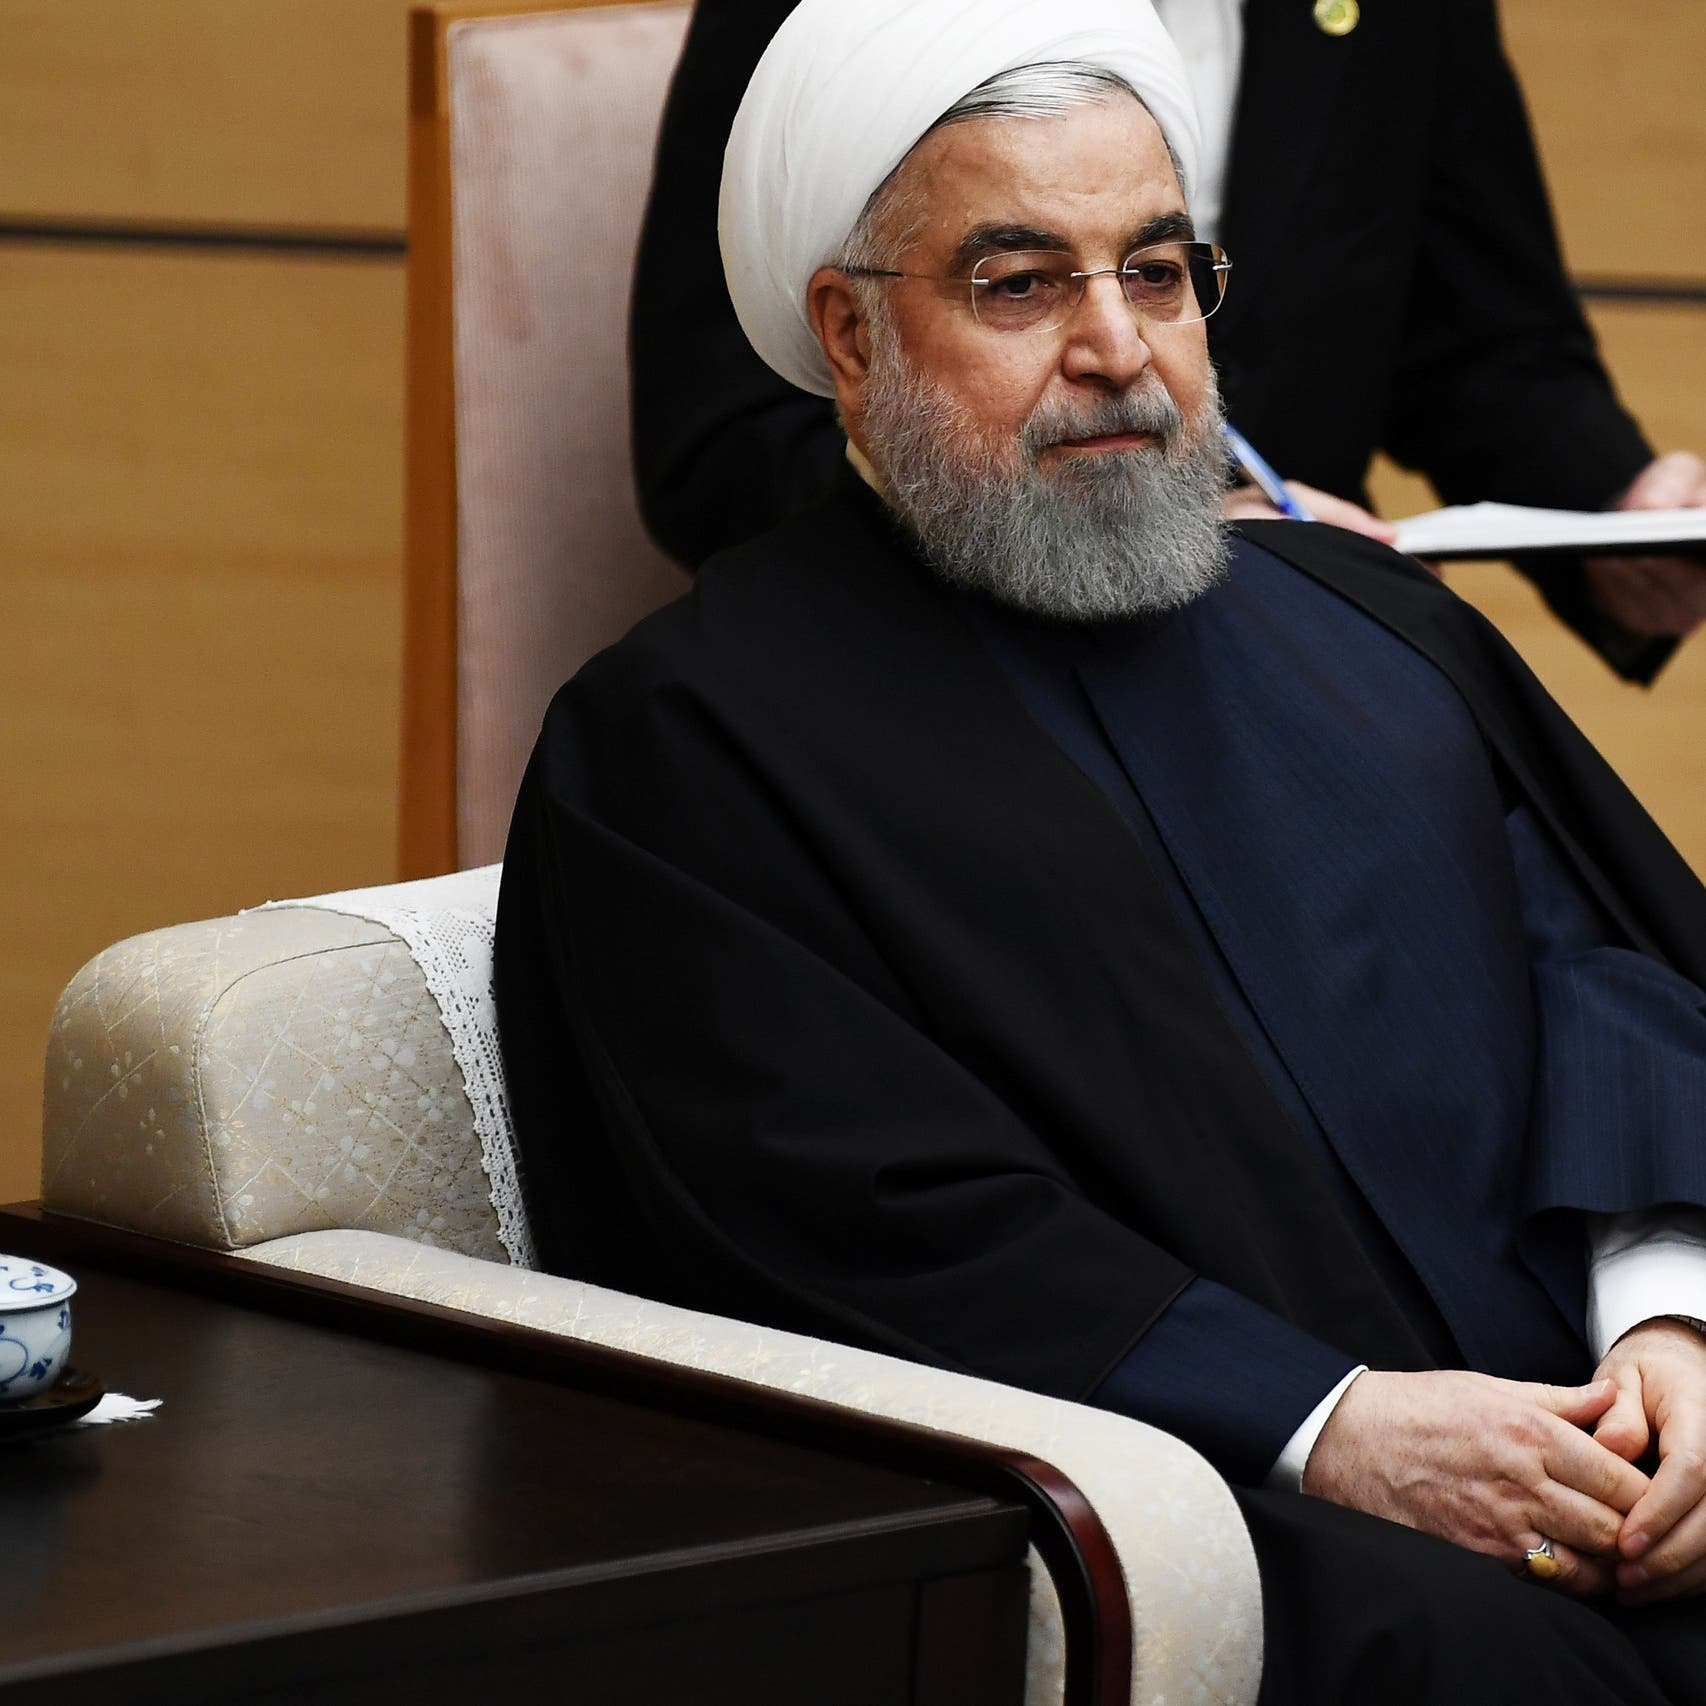 """إيران """"تتدارك"""" التصريحات المهينة.. وتبرر لأفغانستان"""